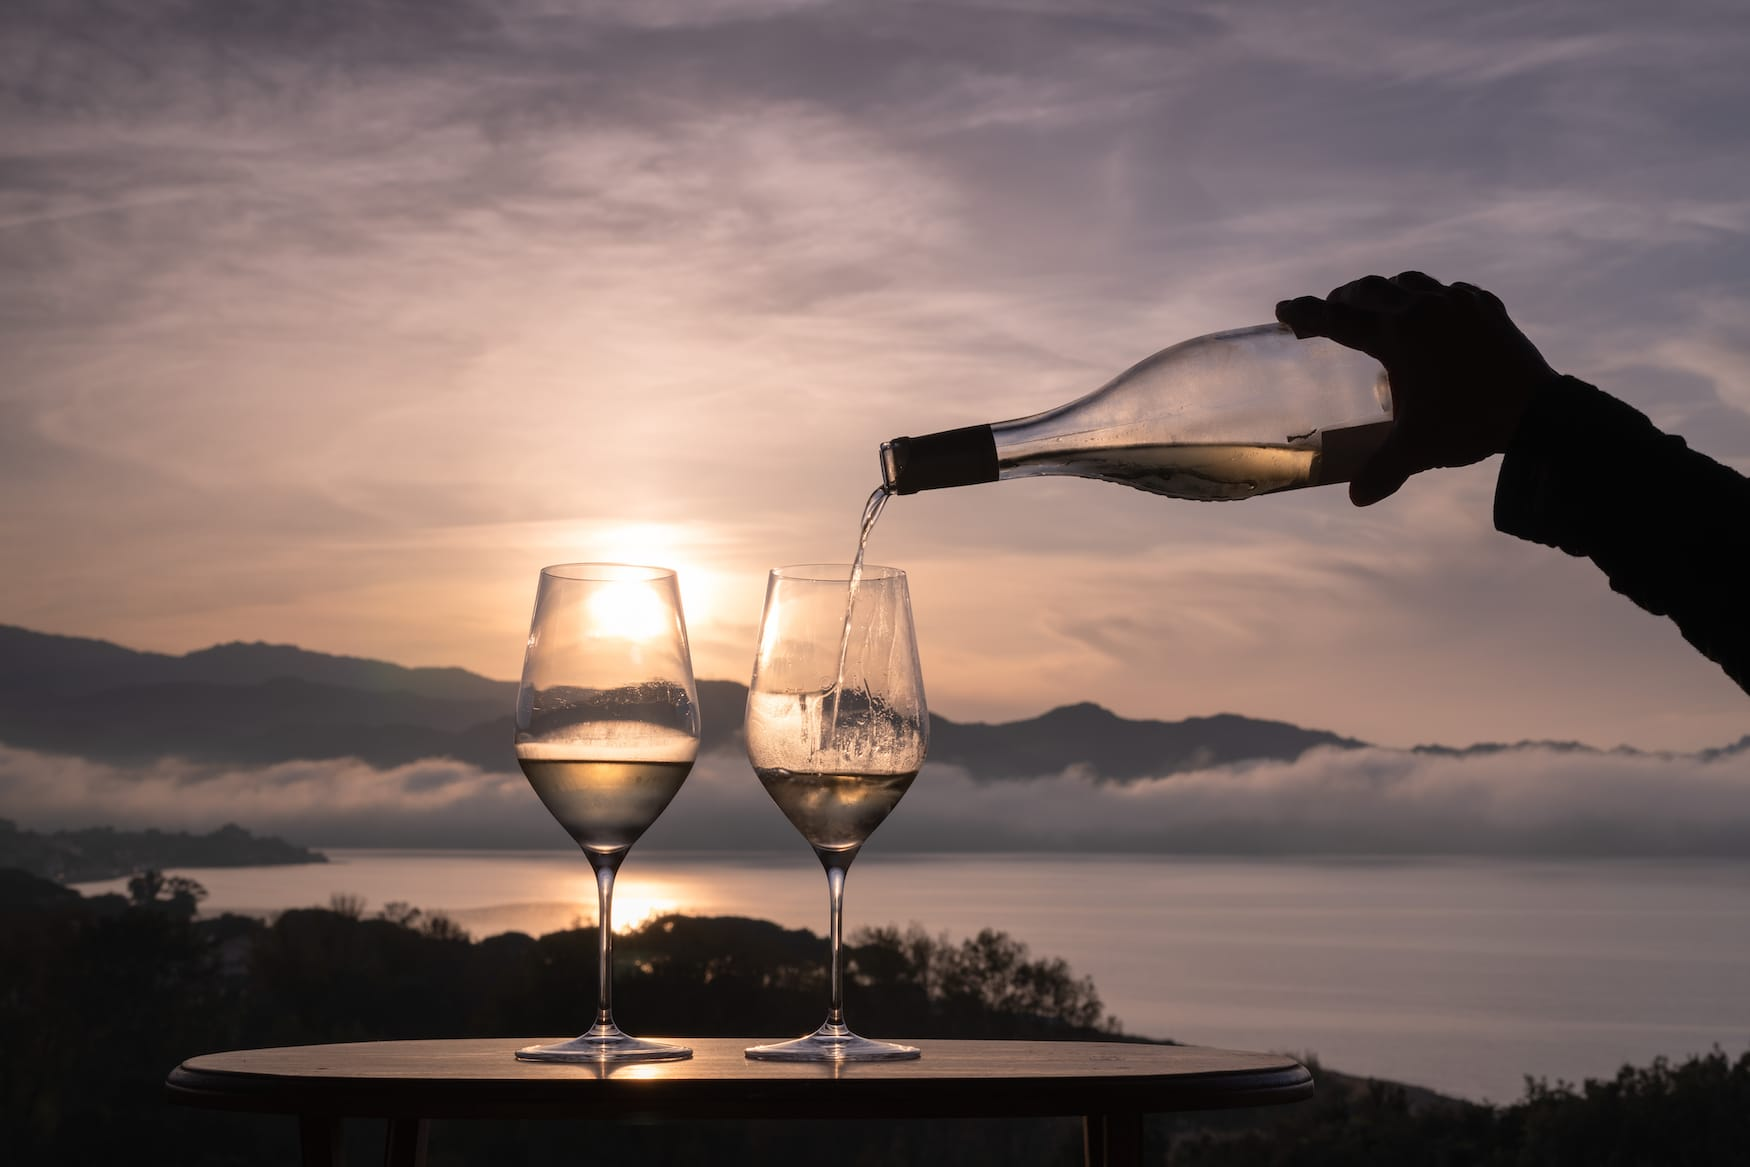 Zu unseren Korsika-Tipps zählt auch, den Wein der Insel zu probieren